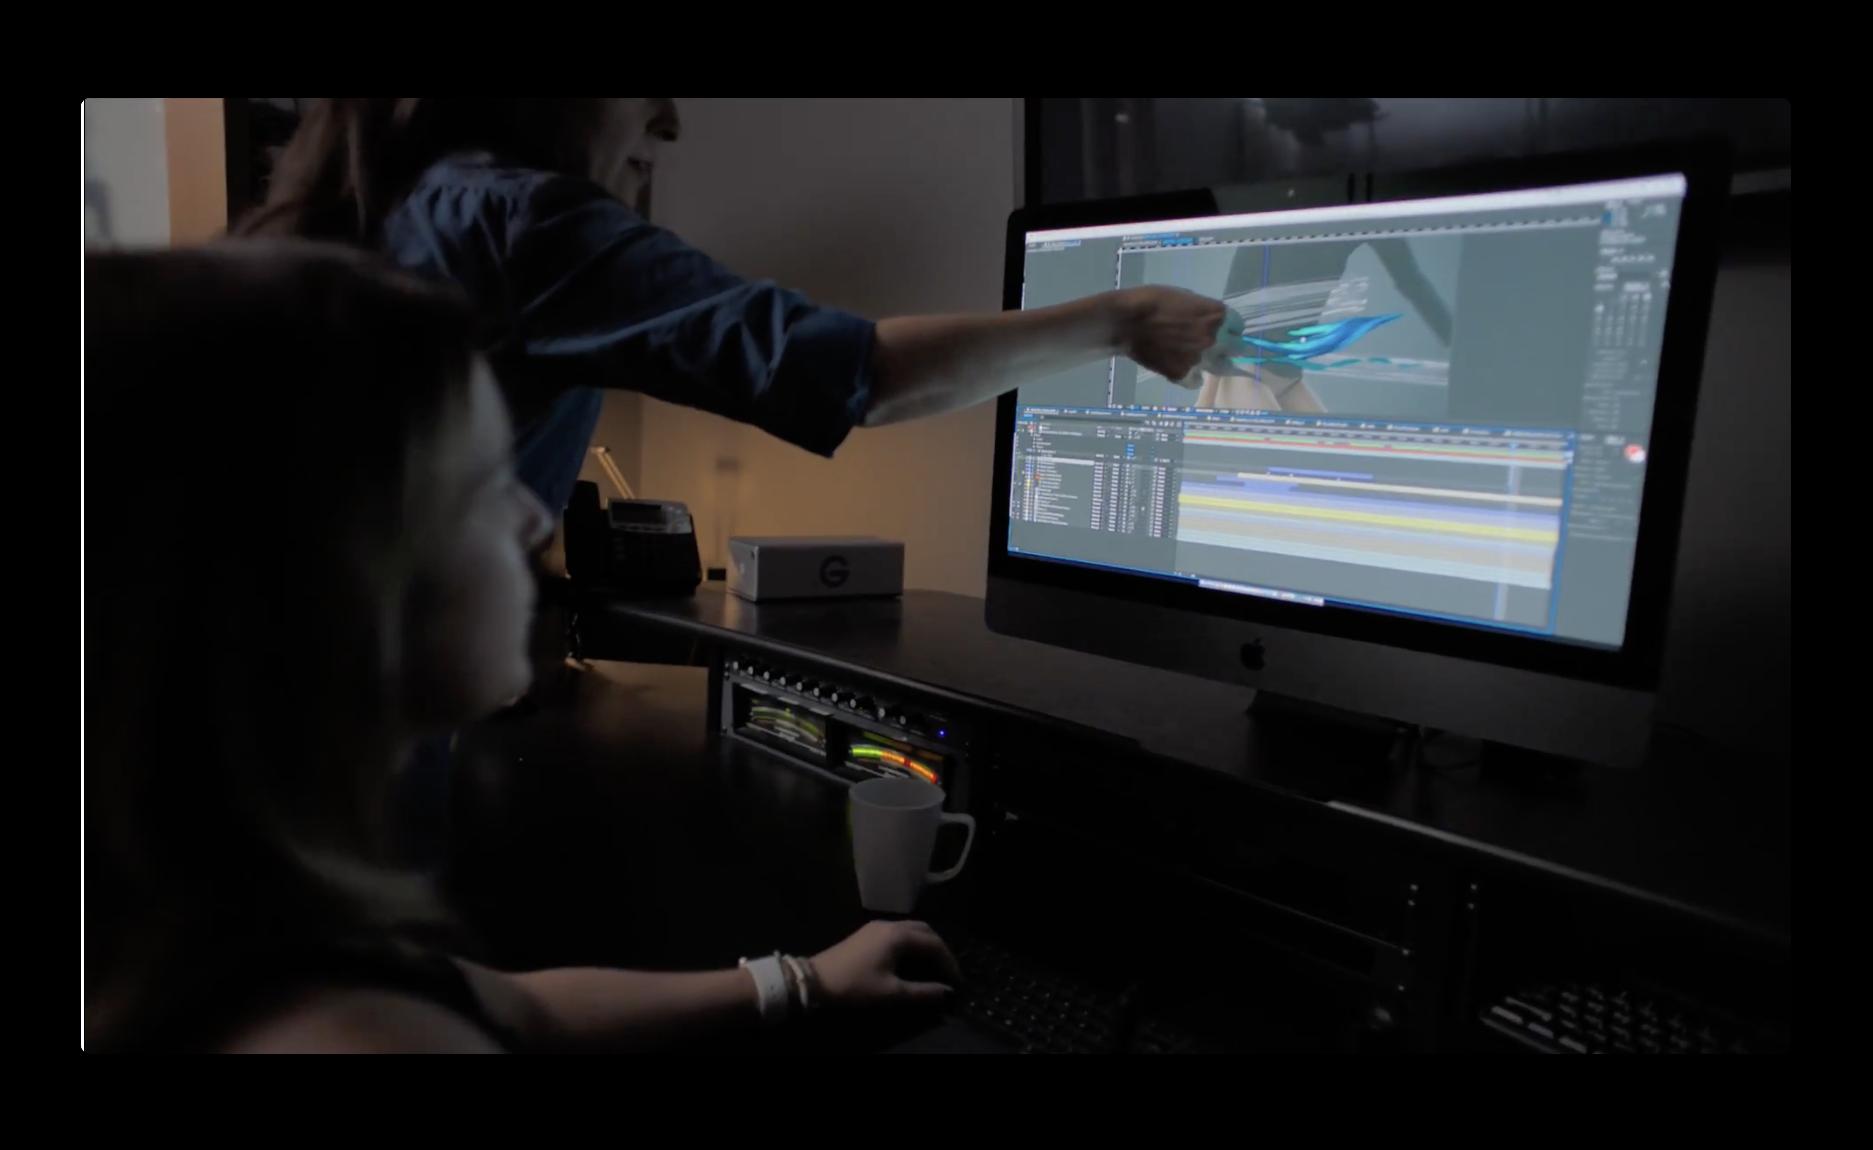 Apple,iMac Proのパワーを実証するためのショートフィルムやその舞台裏の未公開の2本をYouTubeで公開